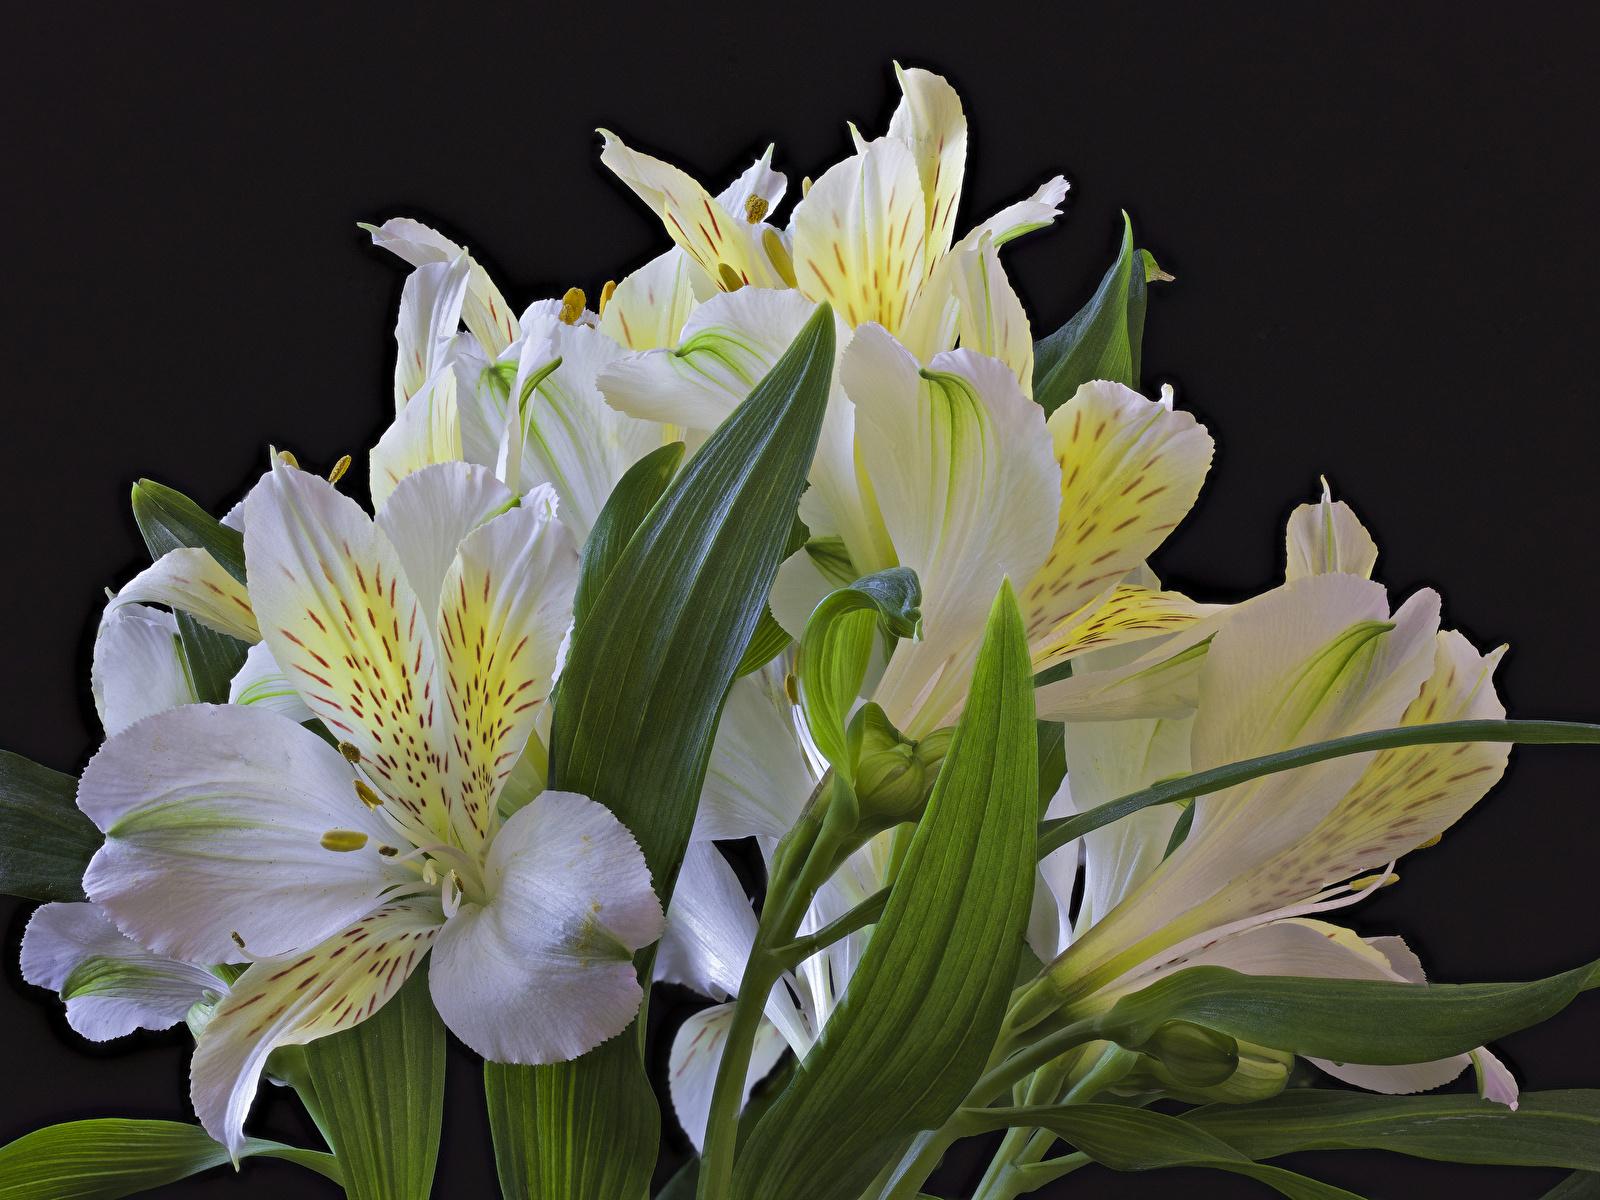 Фото белая Цветы Альстрёмерия Черный фон Крупным планом 1600x1200 белых белые Белый вблизи